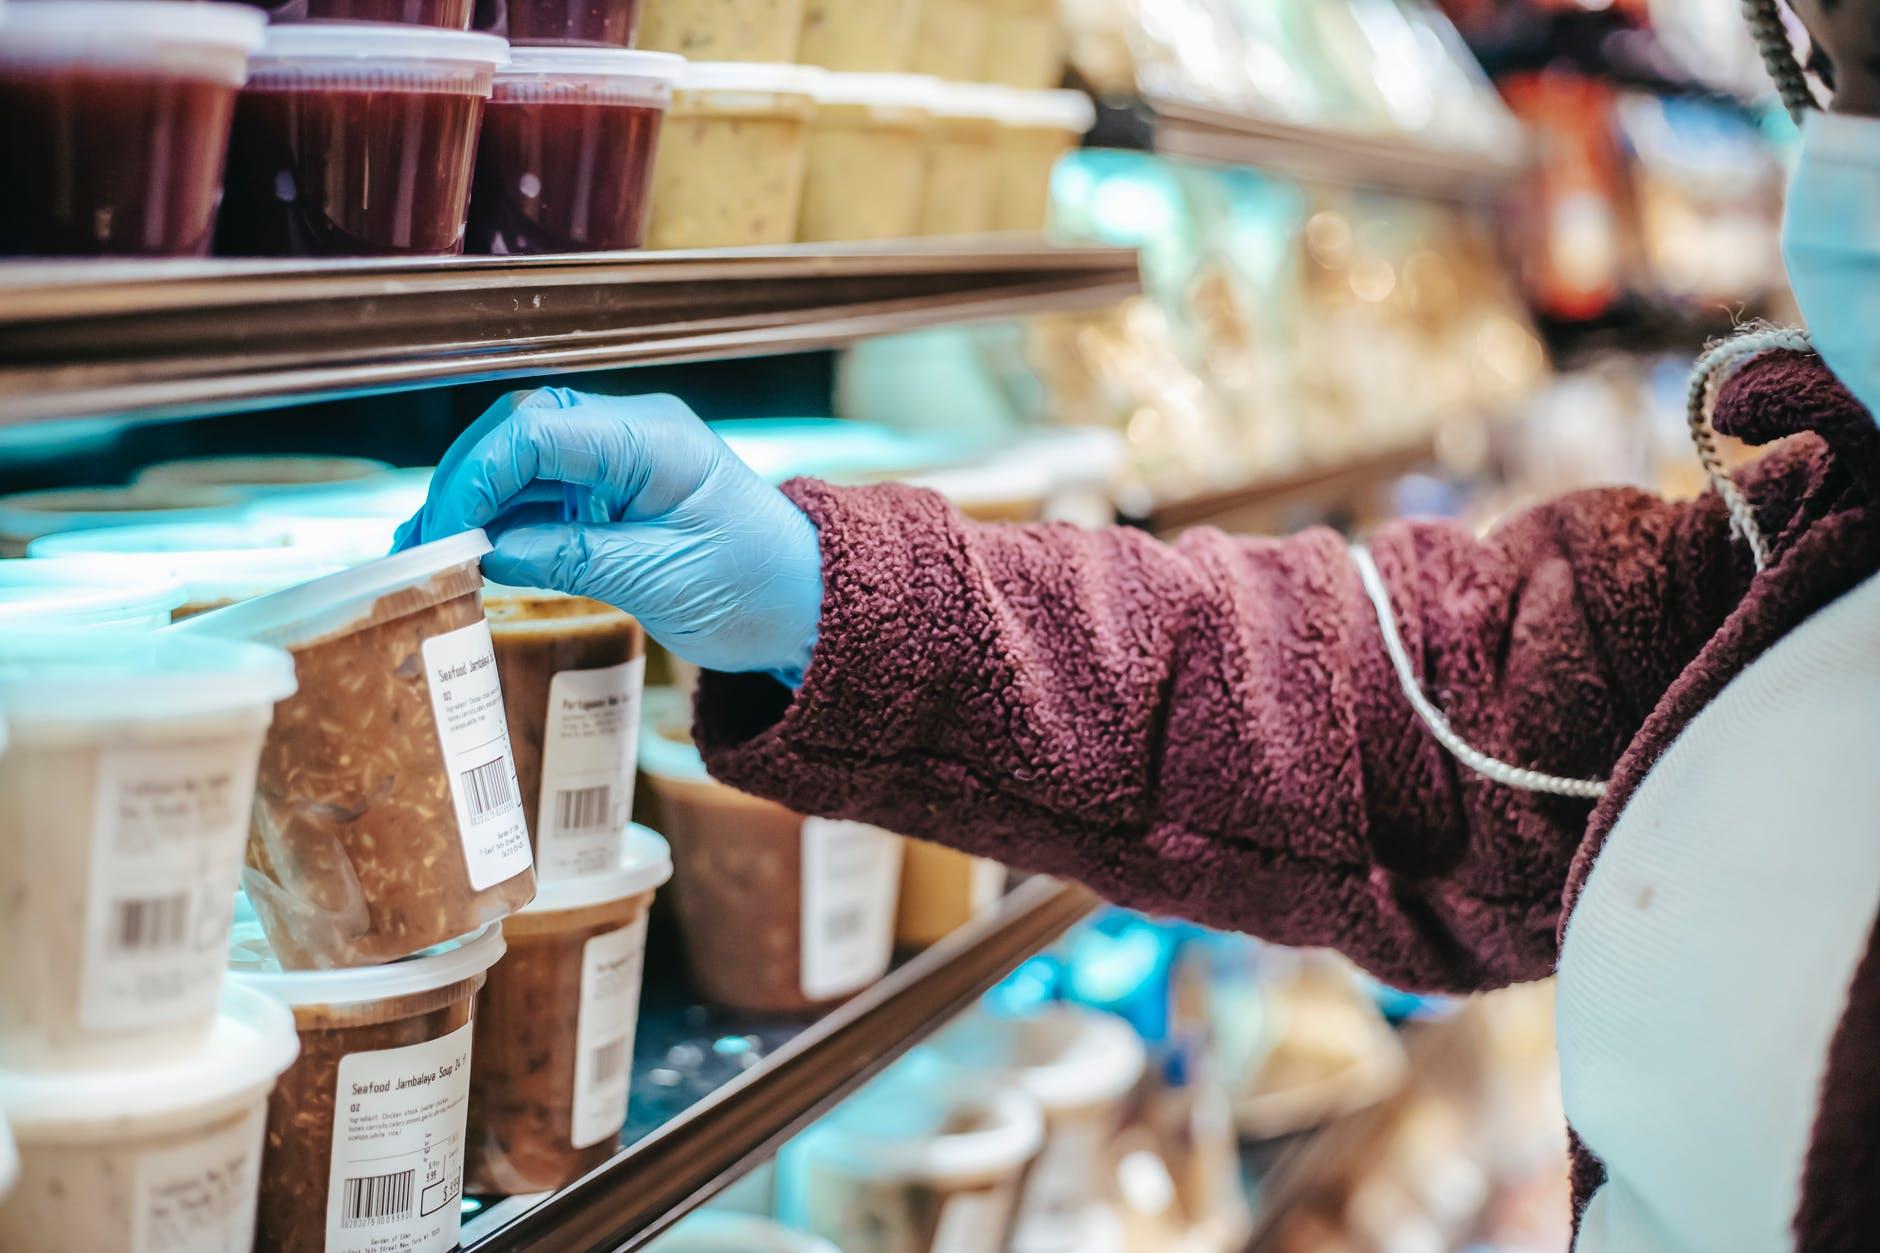 Descubra o que é uma embalagem Clean Label e sua importância para produtos 100% naturais